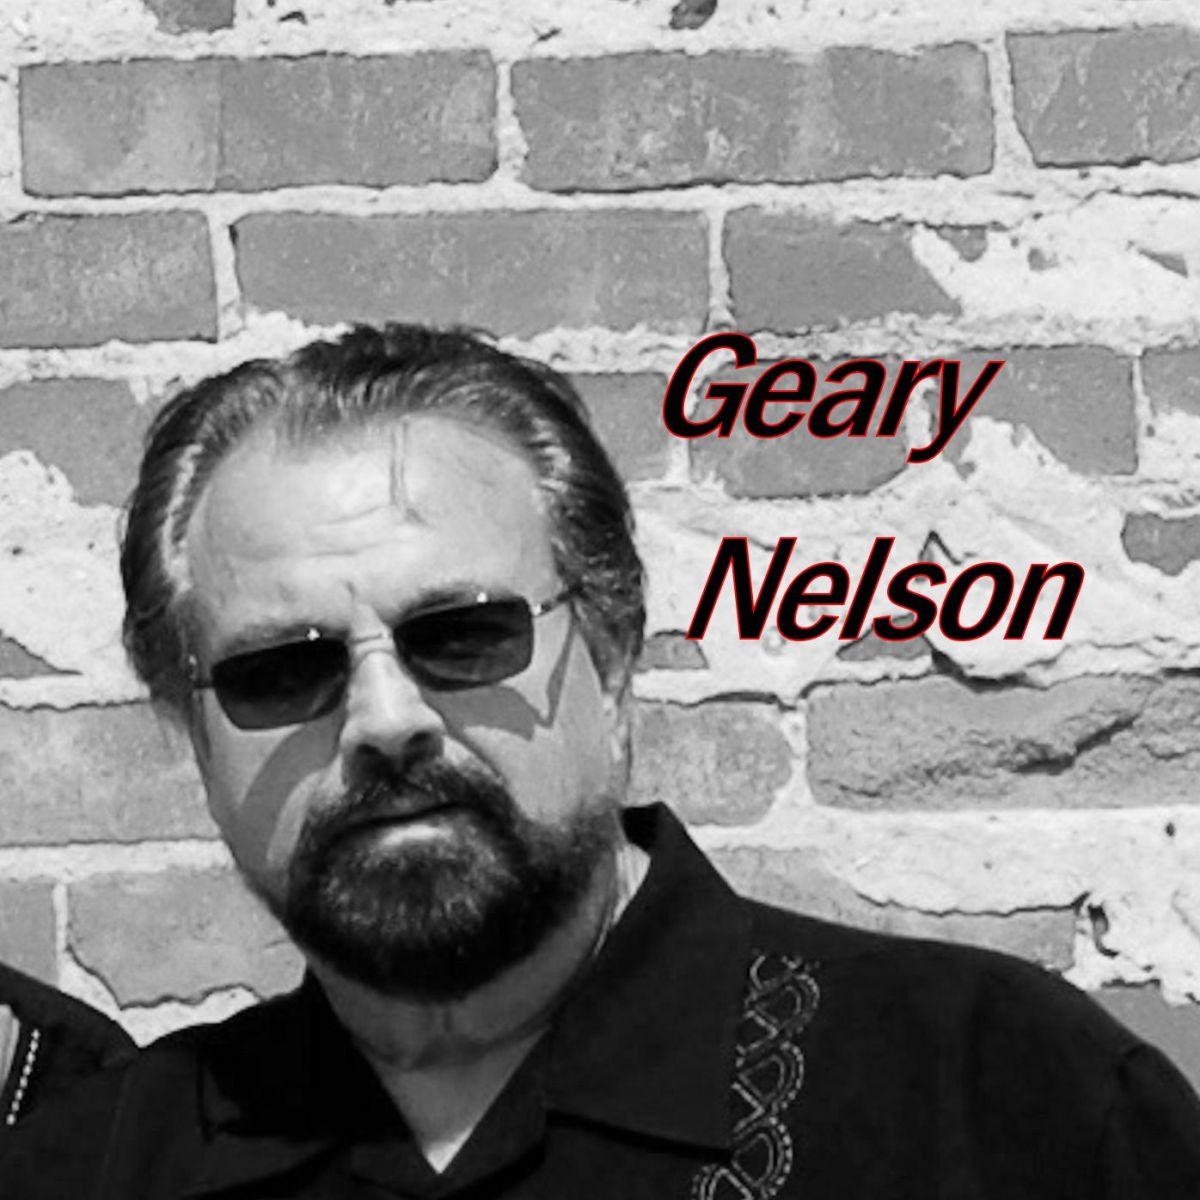 Geary Nelson